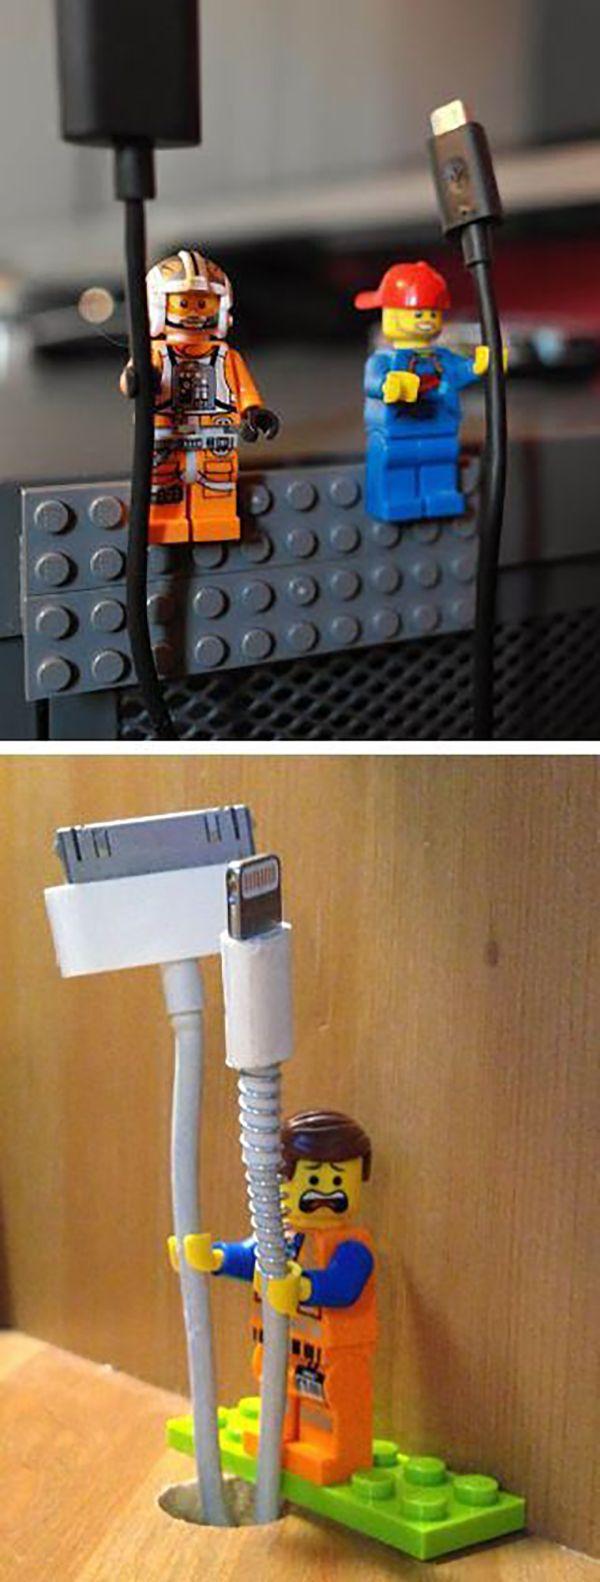 Оригинал взят у khulinich в Как упорядочить провода. Как навести порядок под компьютерным столом, как хранить приборы, как организовать место для зарядки гаджетов,…